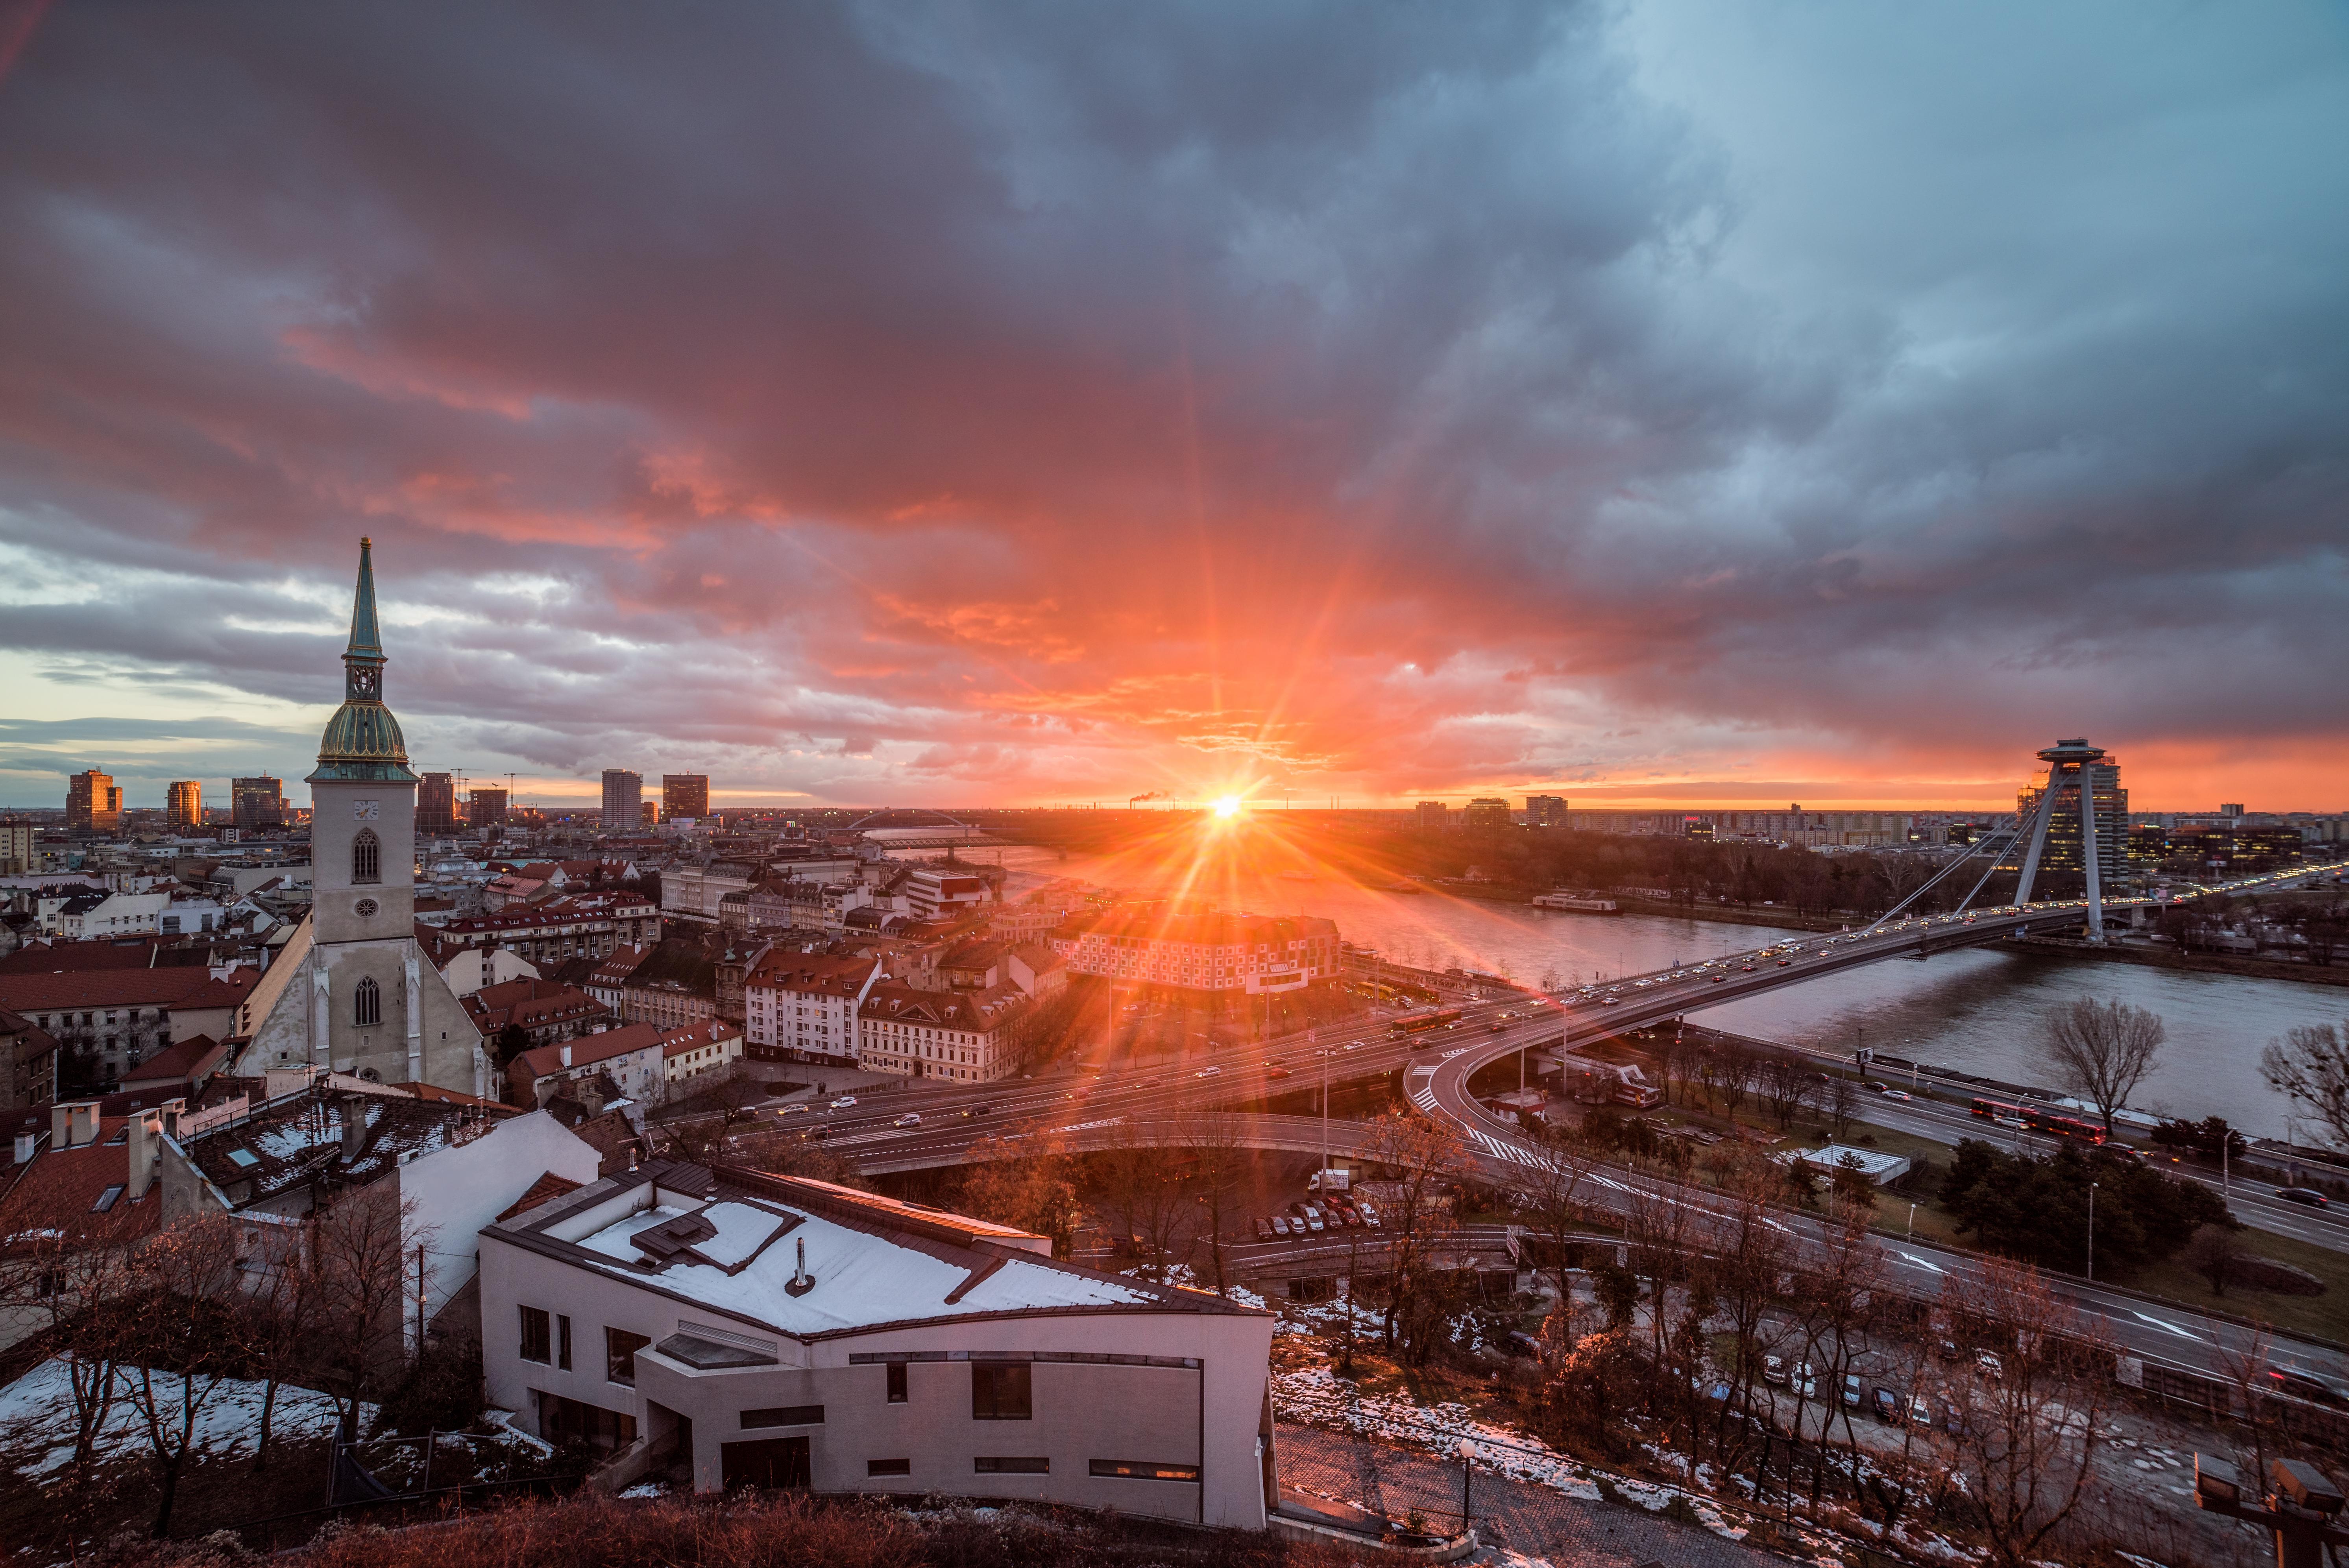 Братислава, столица Словакии, ПМЖ которой могут получить иностранцы